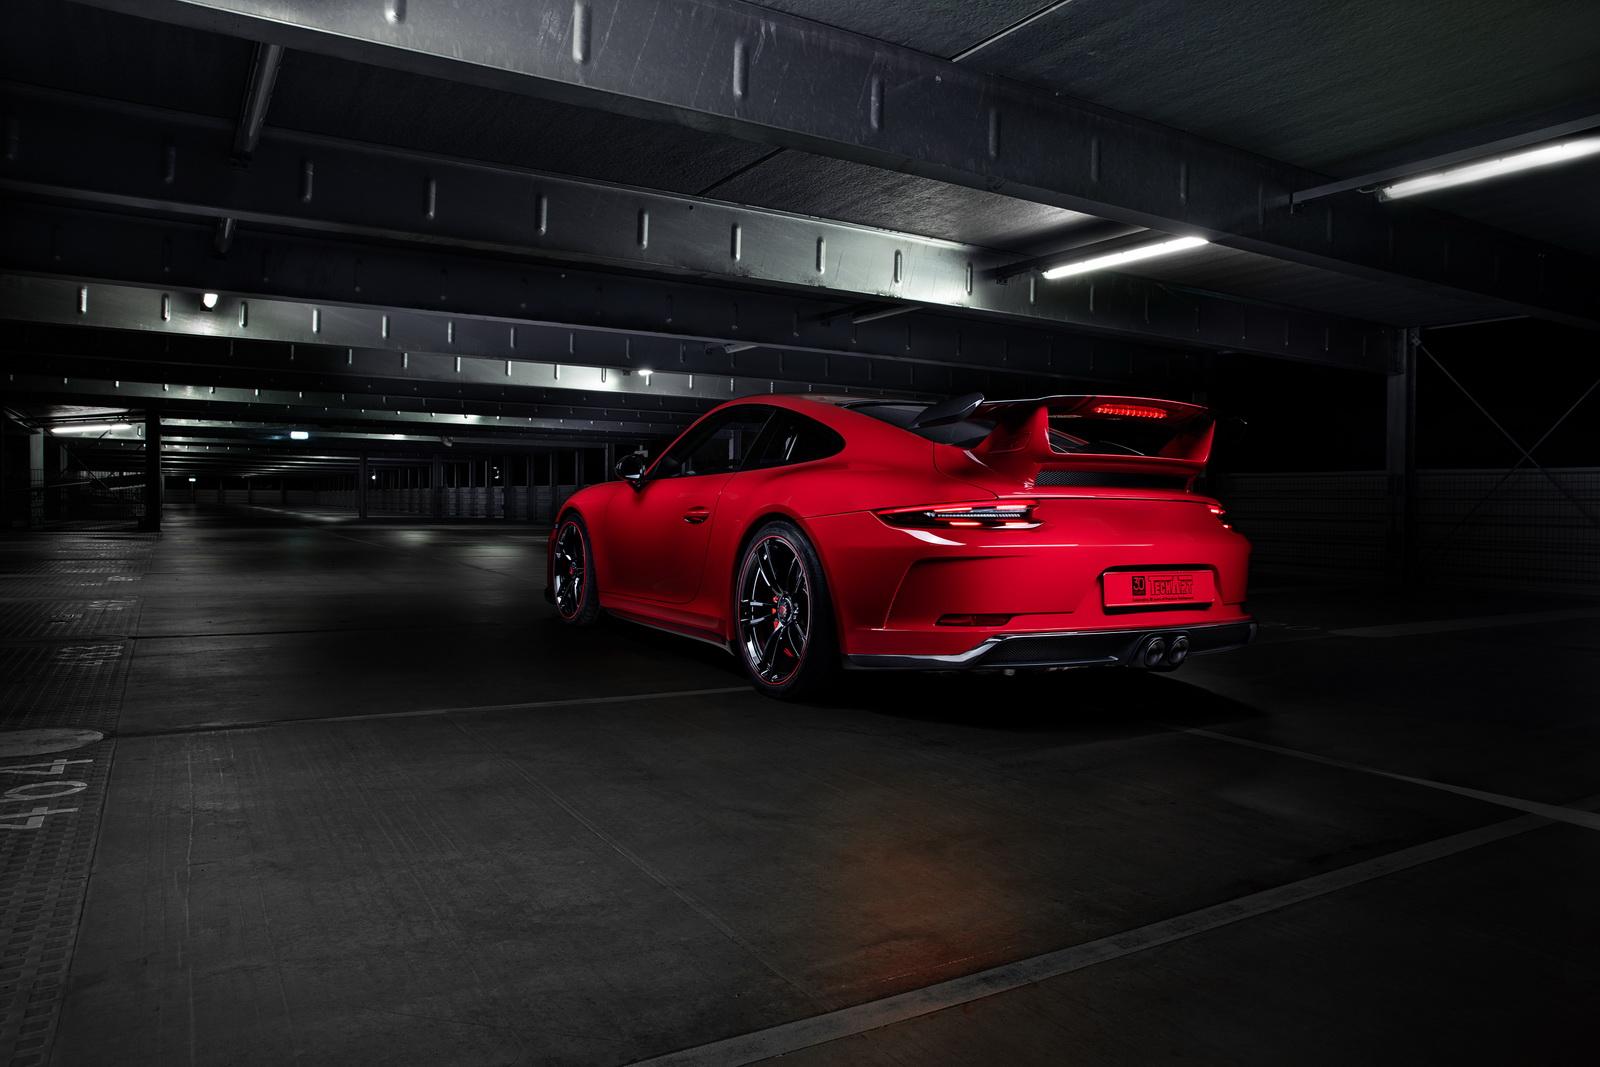 Porsche Gt2 Rs >> TECHART's Take On The Porsche 991.2 GT3